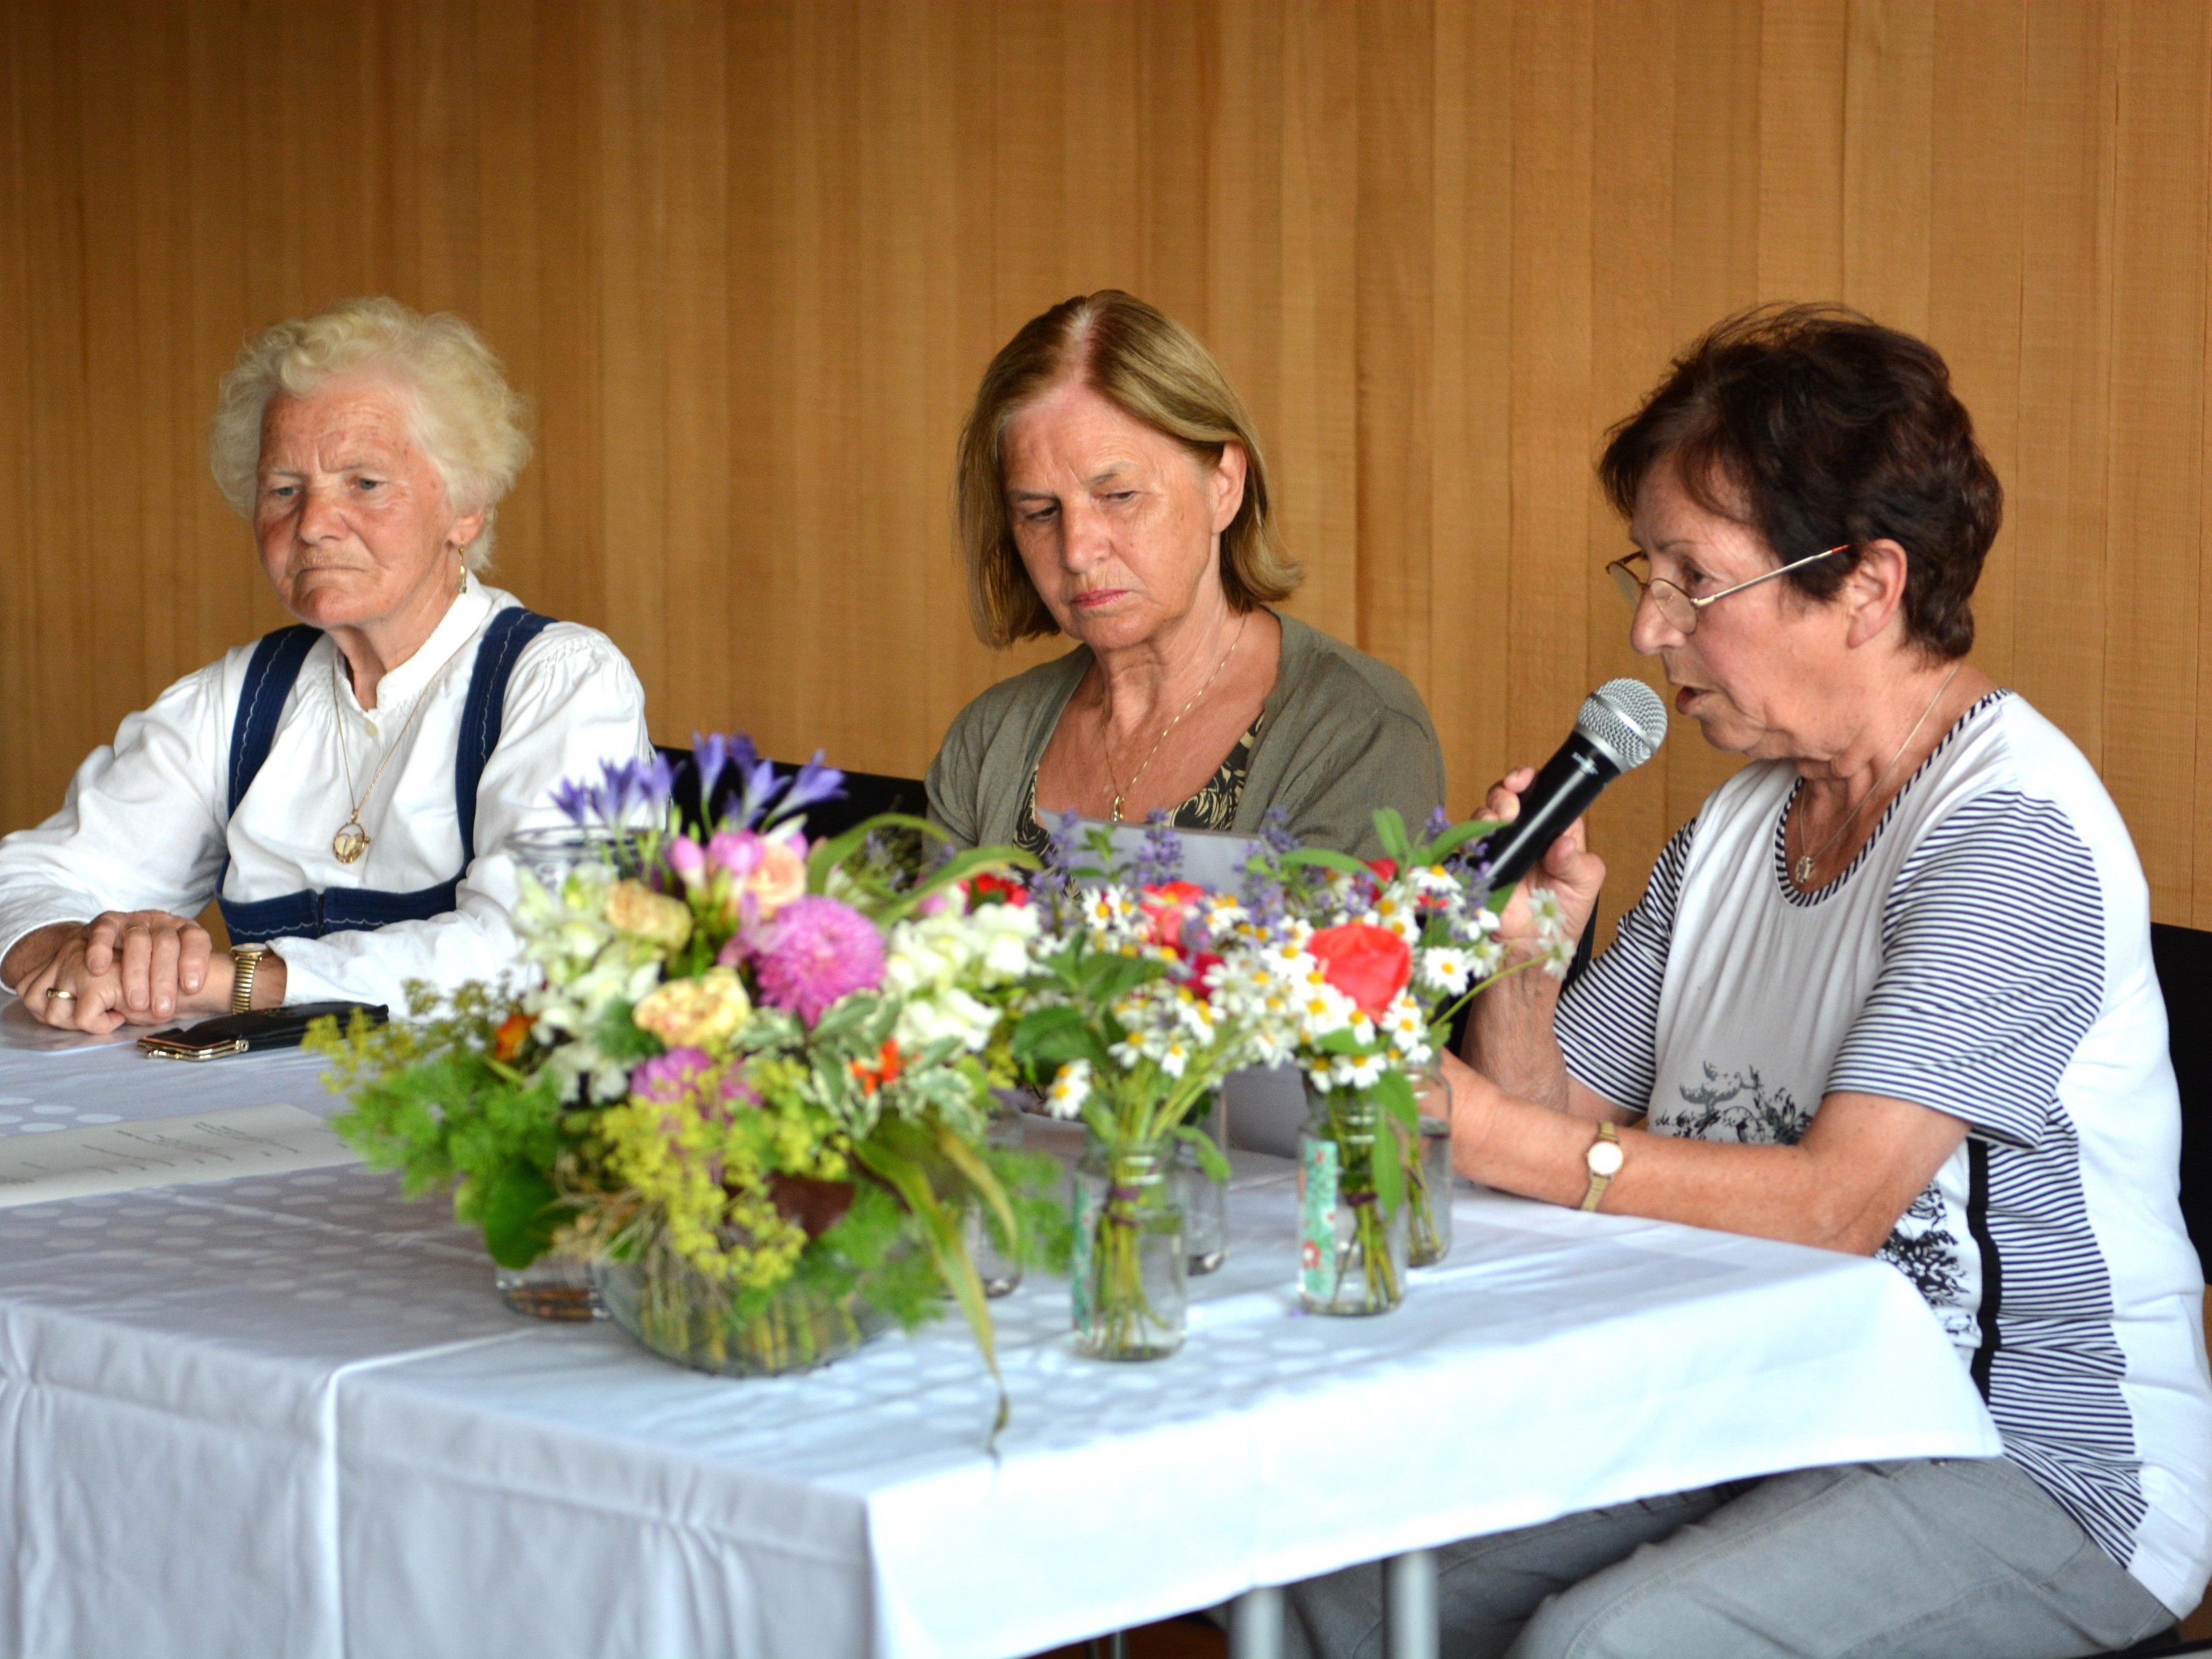 Die Autorinnen bei der ersten Lesung in Ludesch v.li. Hermine Bischof, Irma Hirschauer u. Hannelore Kaufmann